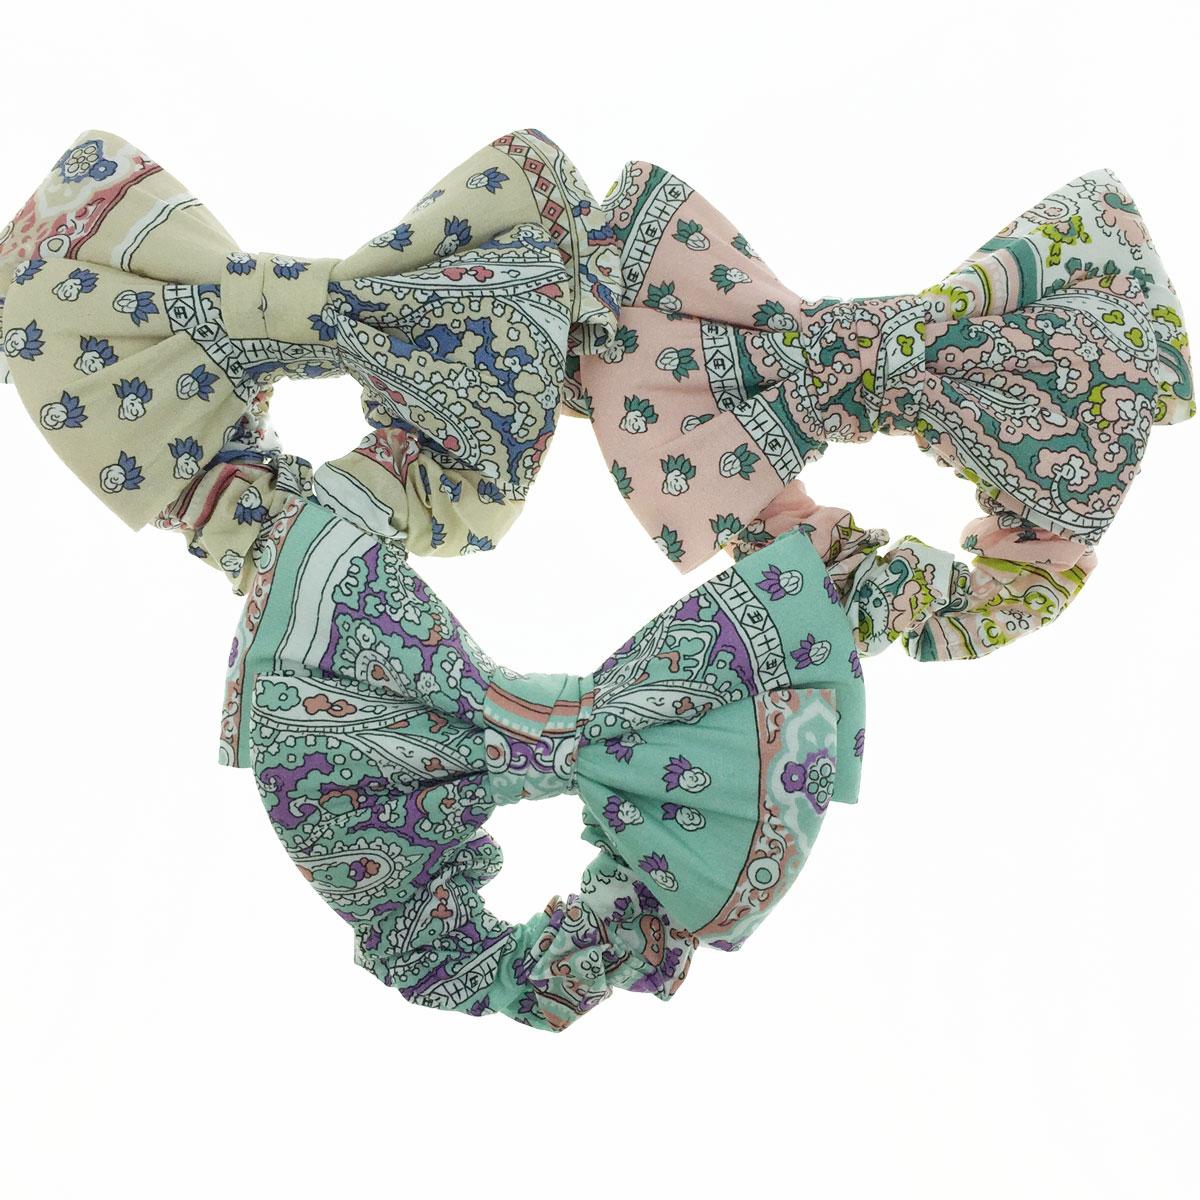 韓國 雙層 絲質 蝴蝶結 花布 三色 髮束 大腸圈 髮飾